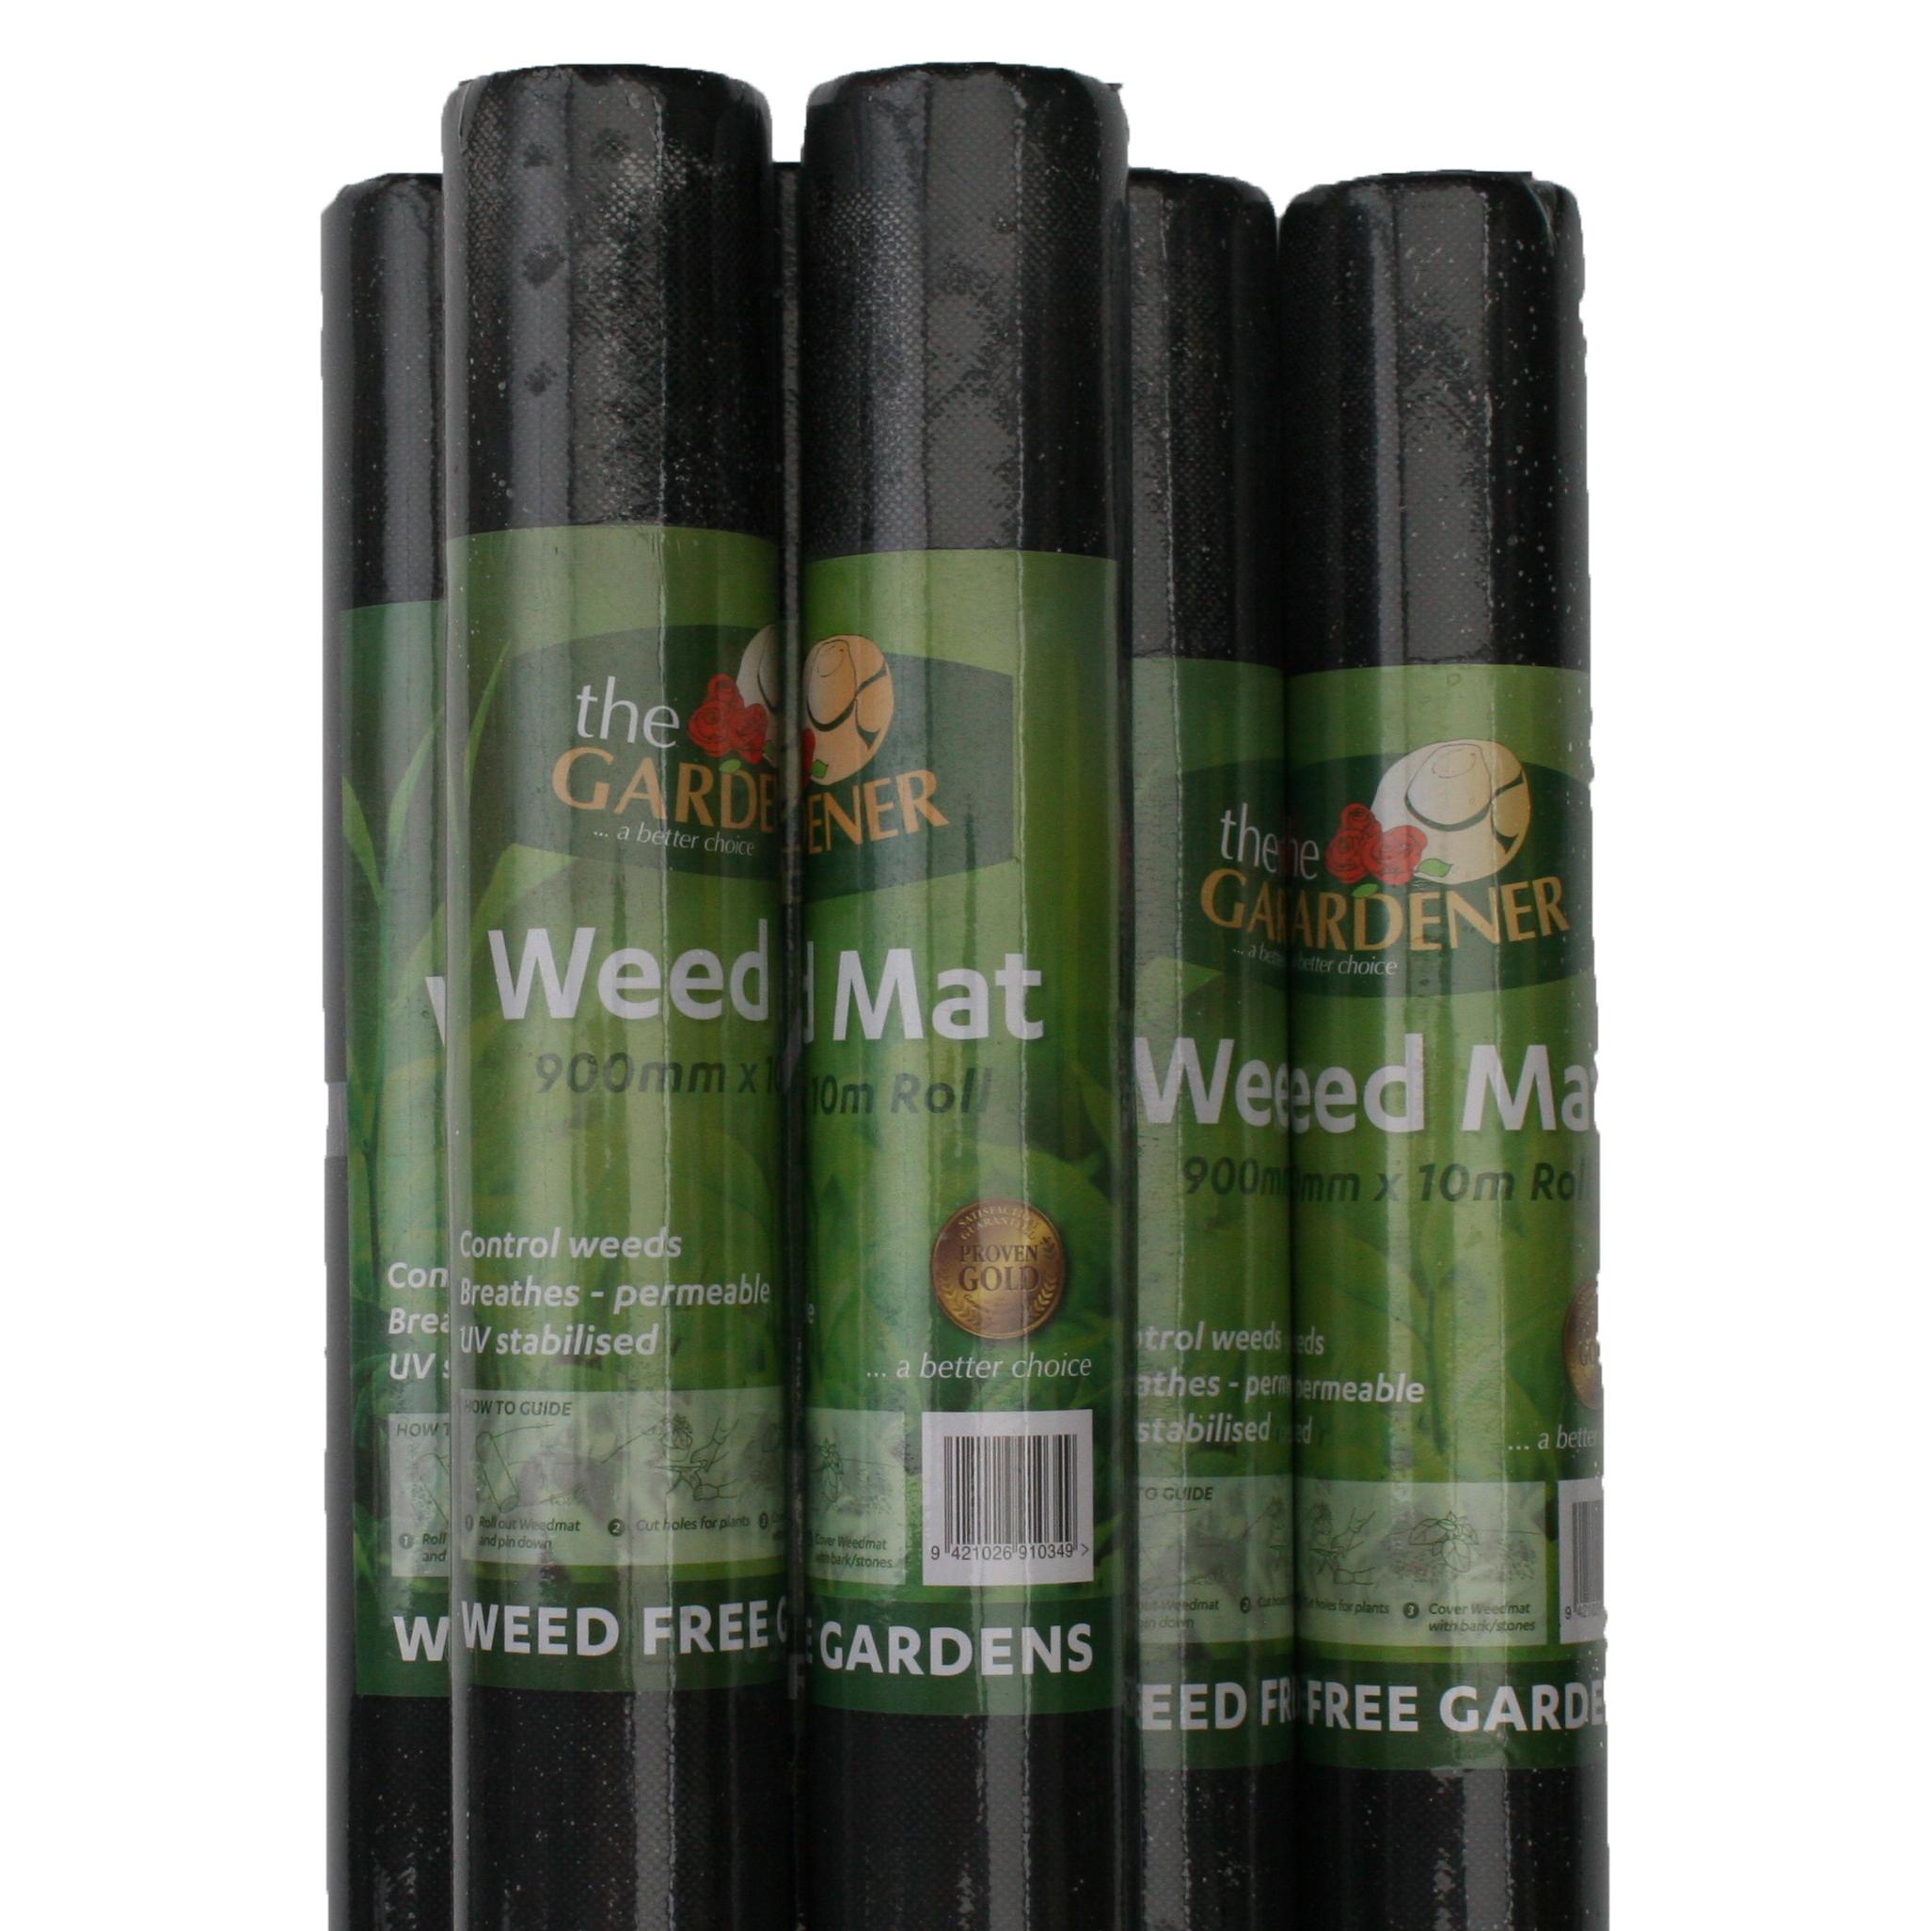 The Gardener Weedmat (0.9x10m)2 for $20 -